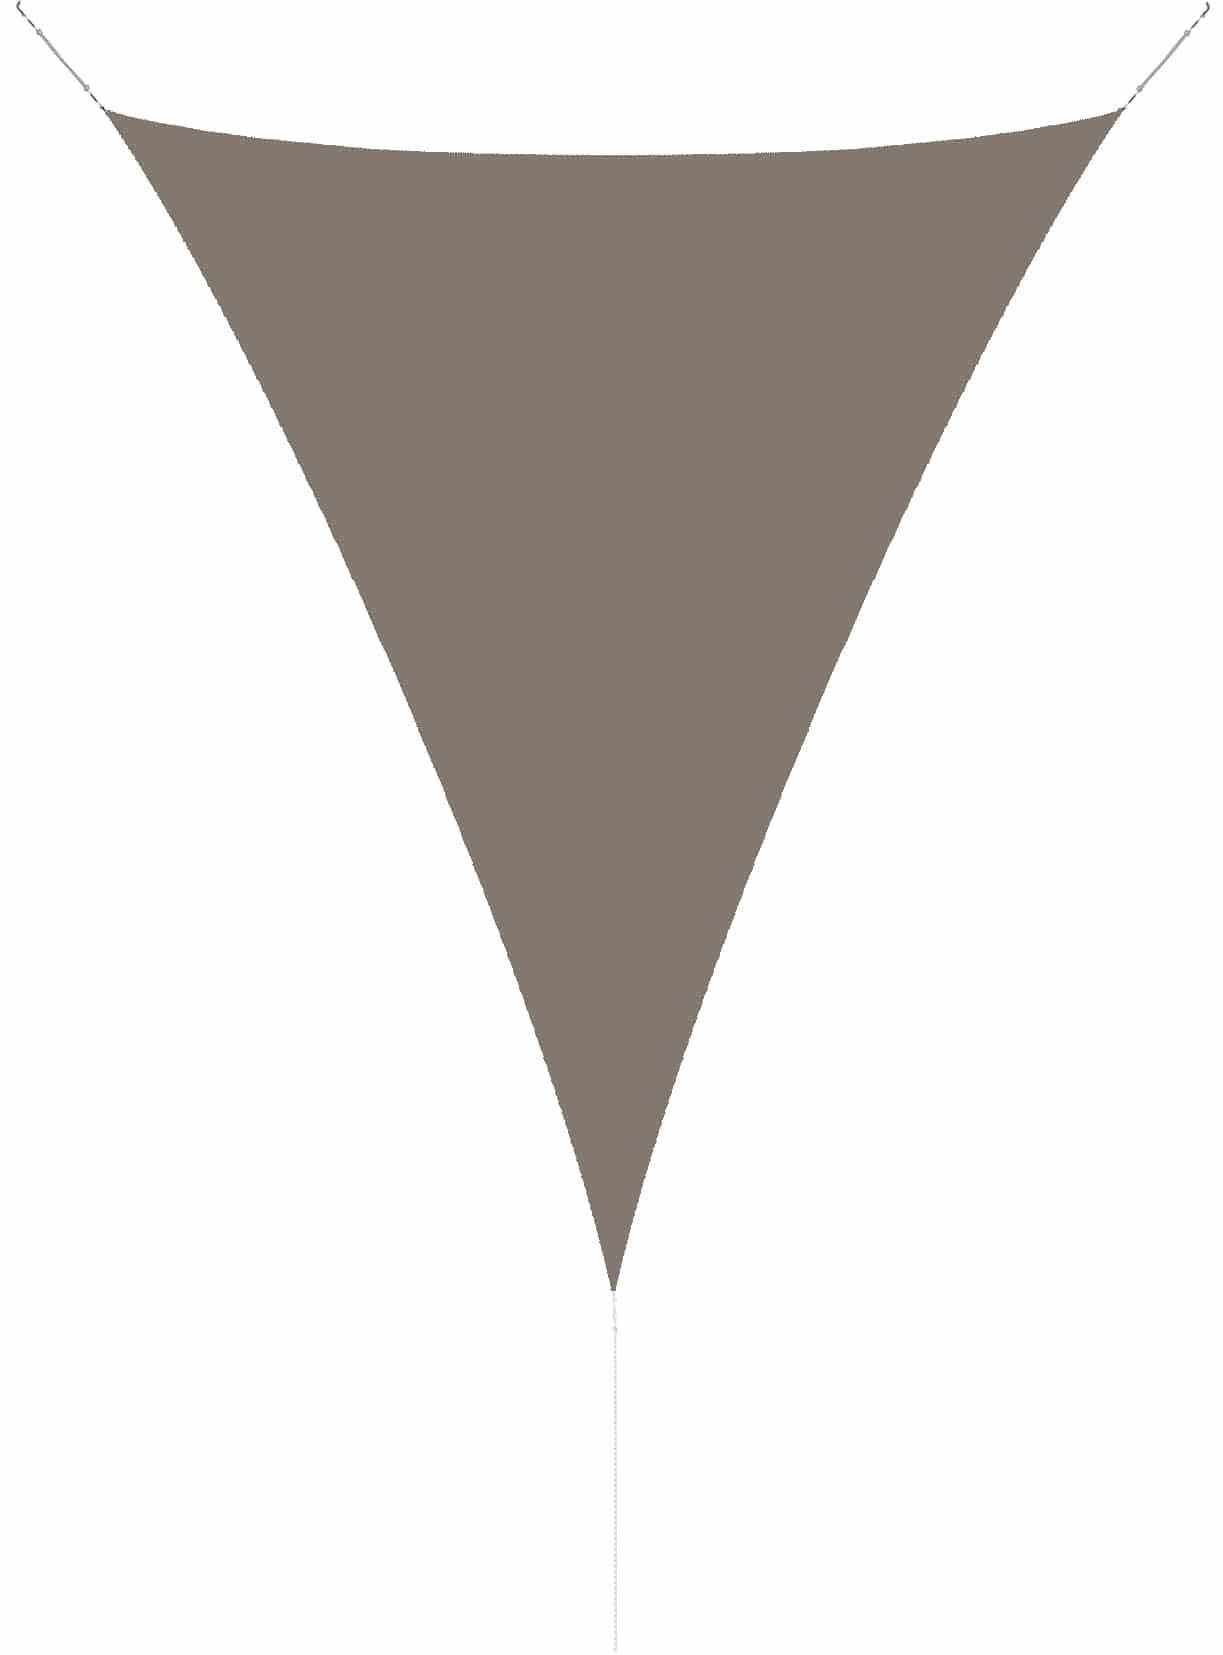 hanSe® Schaduwdoek Driehoek Gelijkbenig Waterdoorlatend 2,5x2,5x3,5 m - Taupe